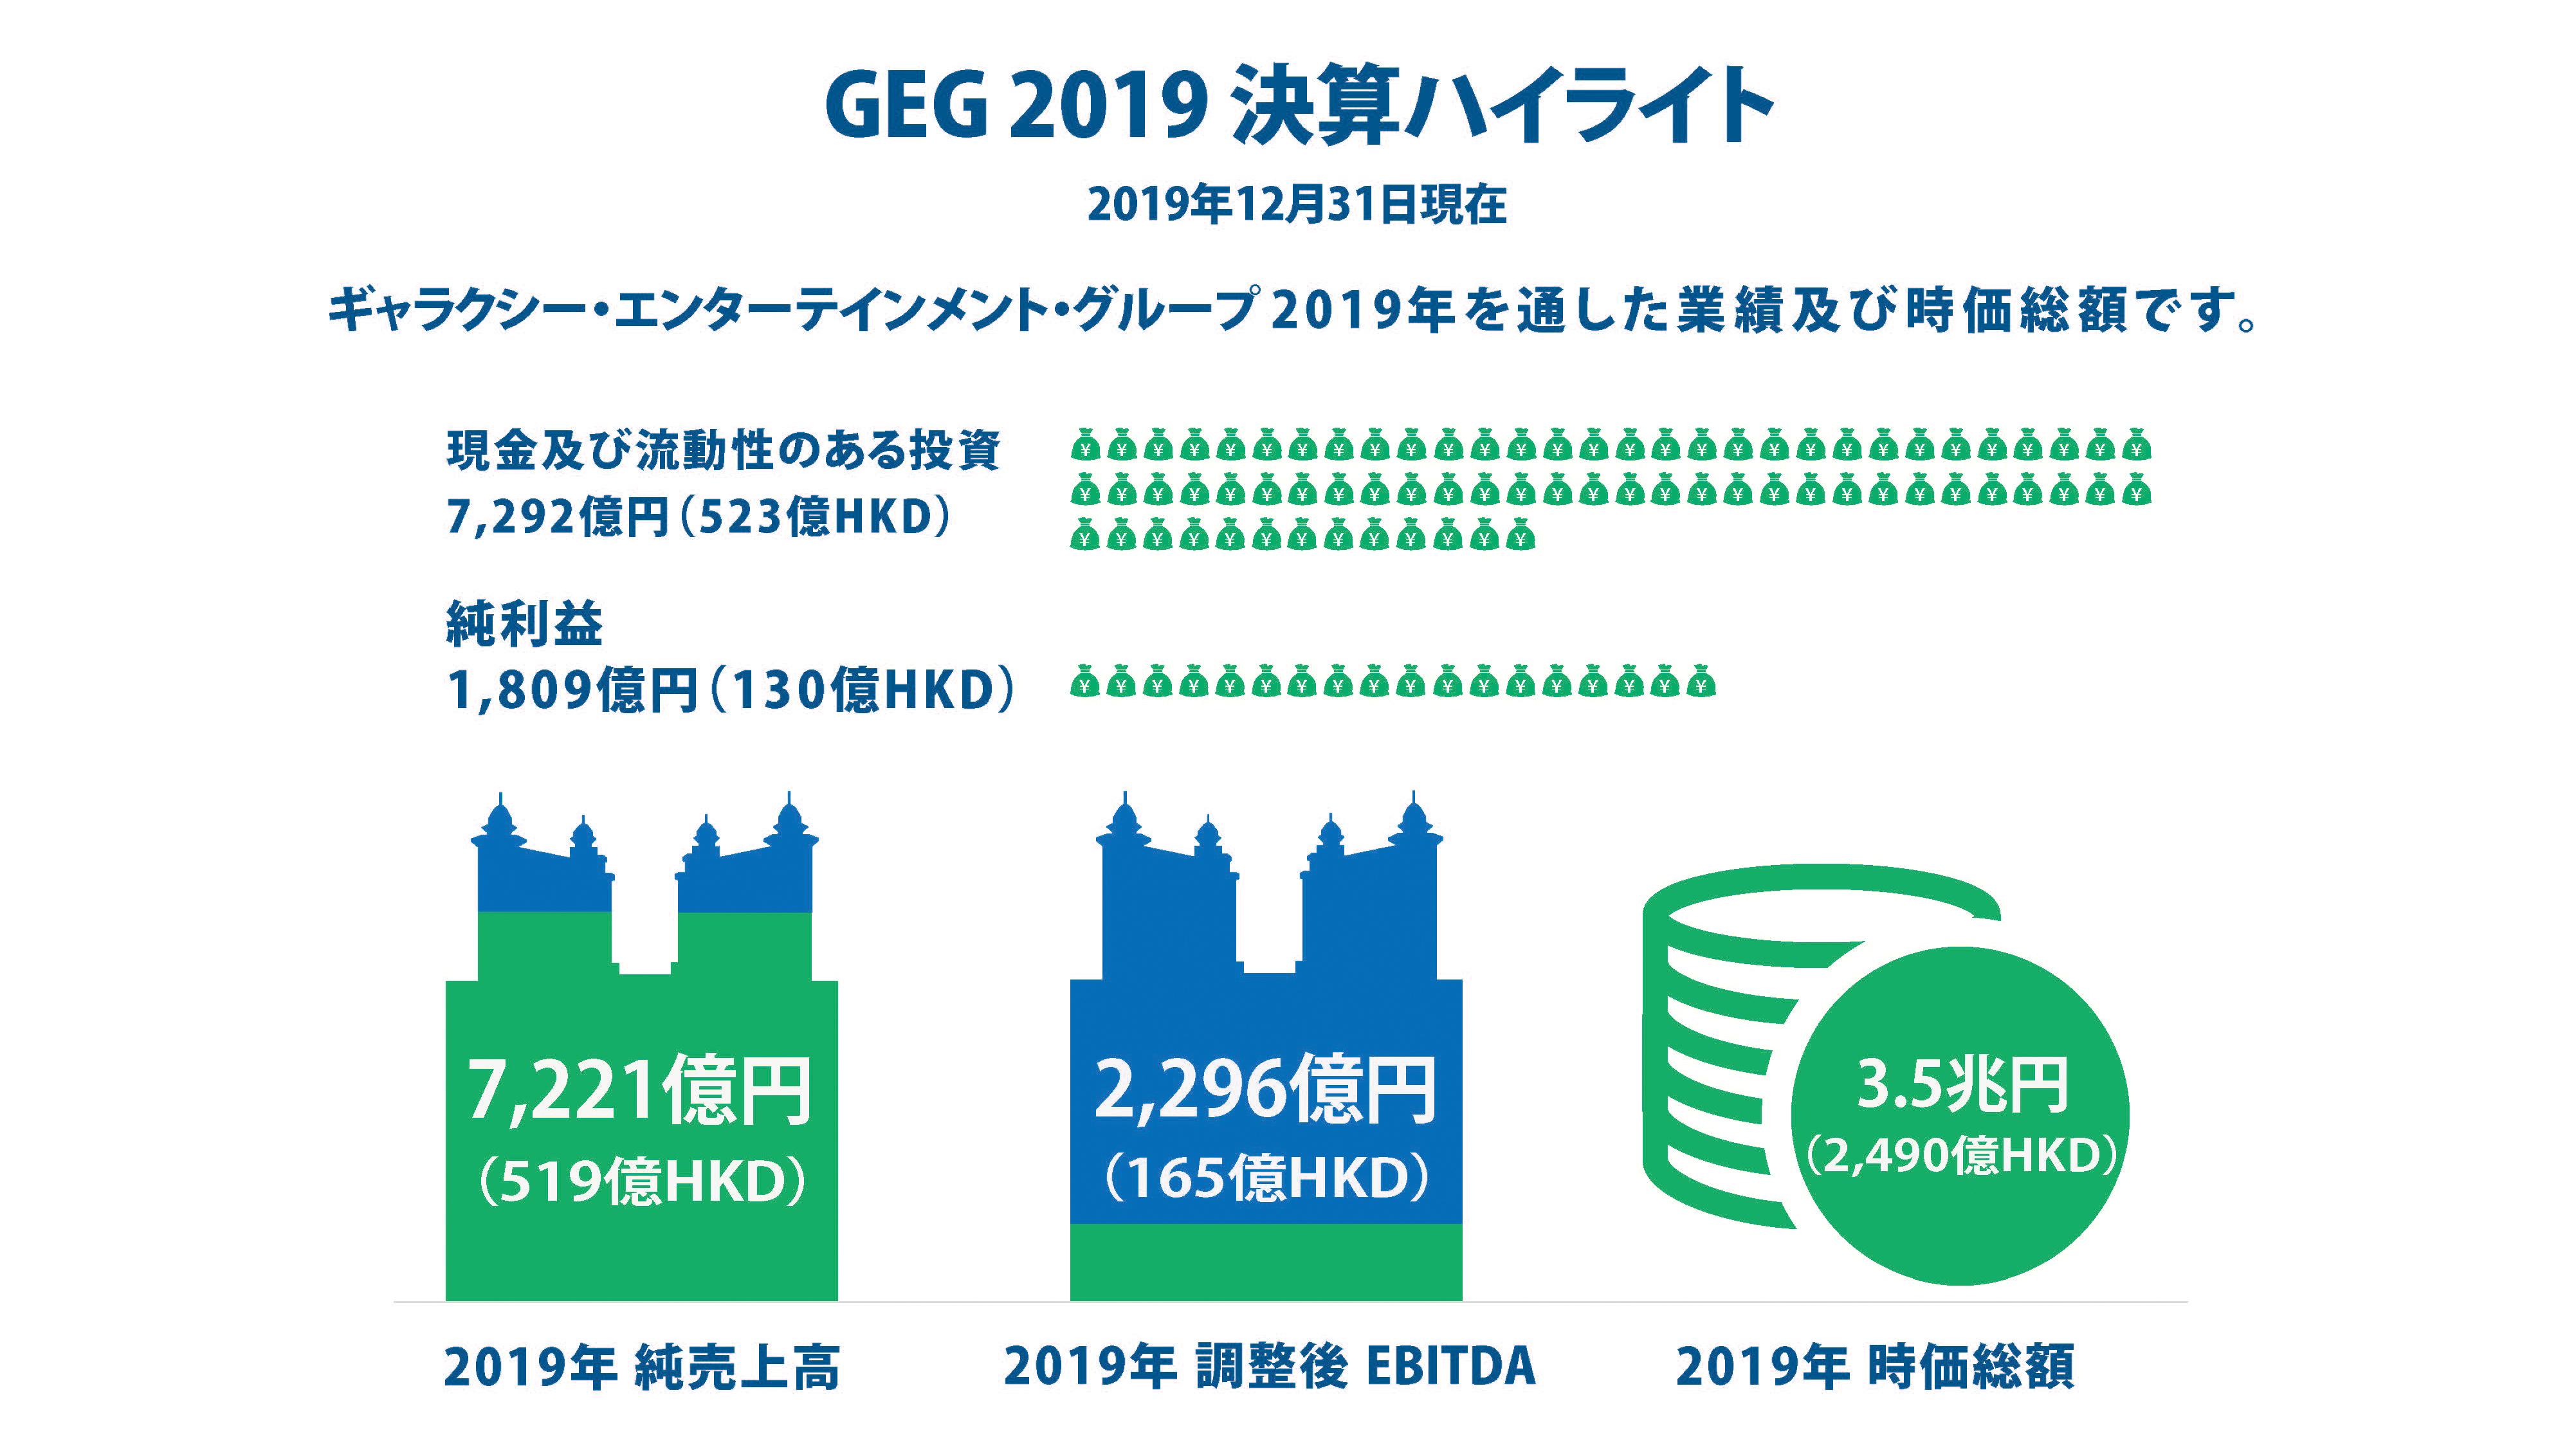 GEG 2019 決算ハイライト